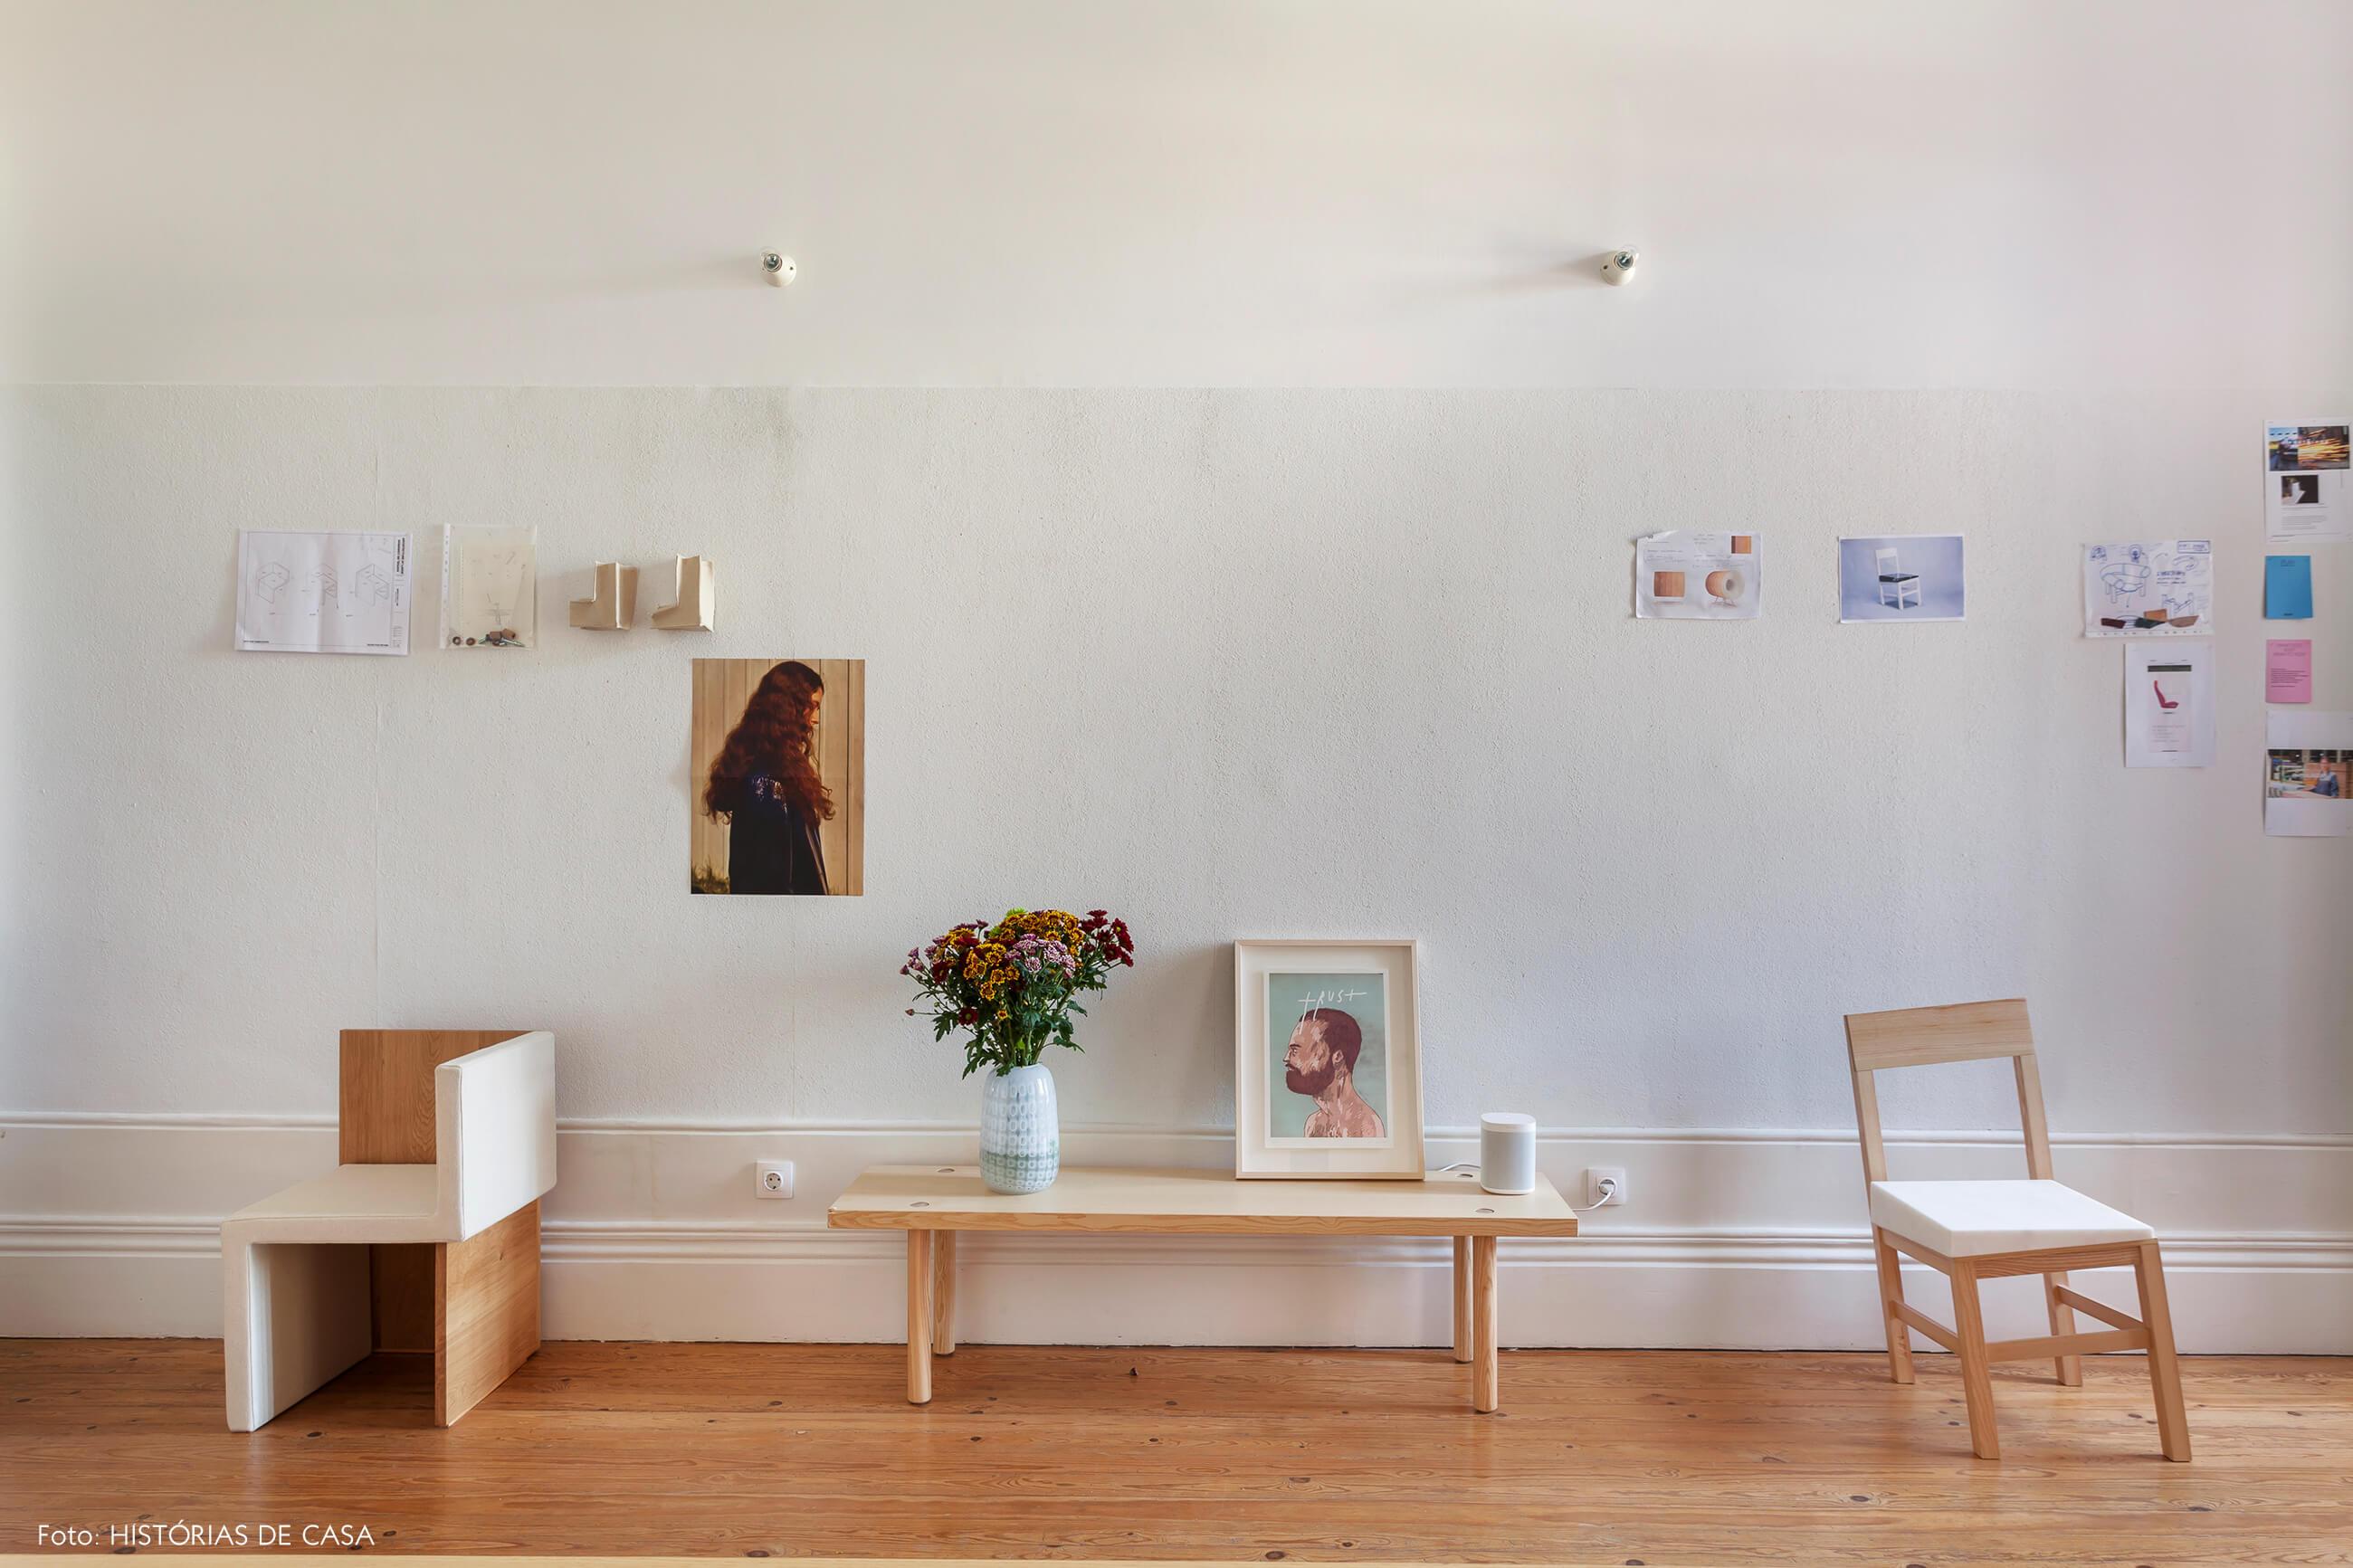 Home office com decoração minimalista e mural de referências